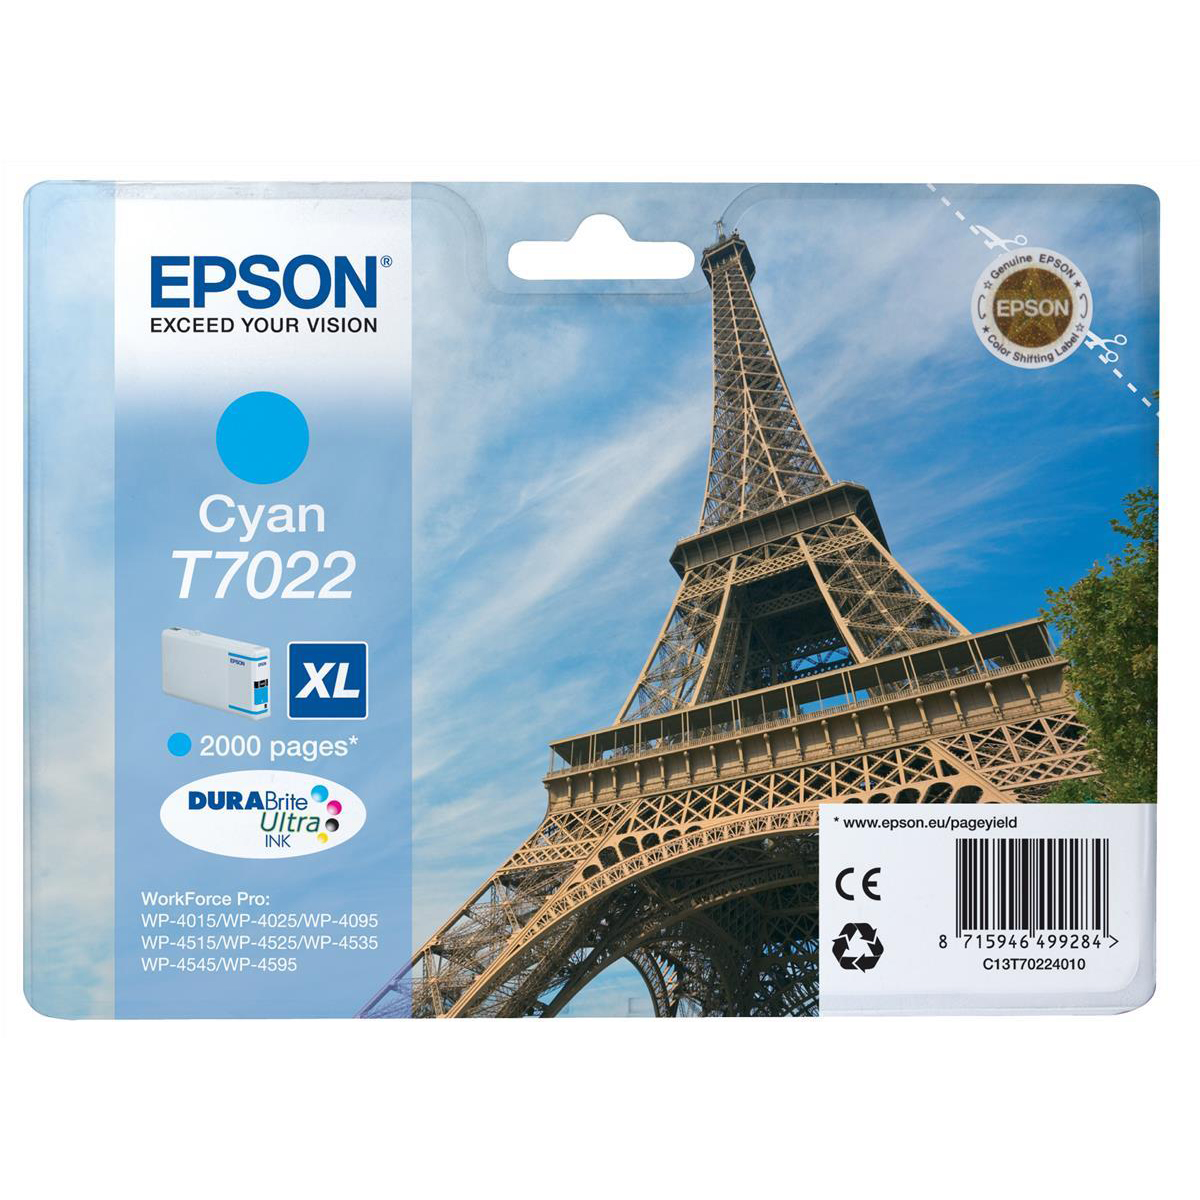 Inkjet Cartridges Epson T7022 Inkjet Cartridge Eiffel Tower XL Page Life 2000pp 21.3ml Cyan Ref C13T70224010